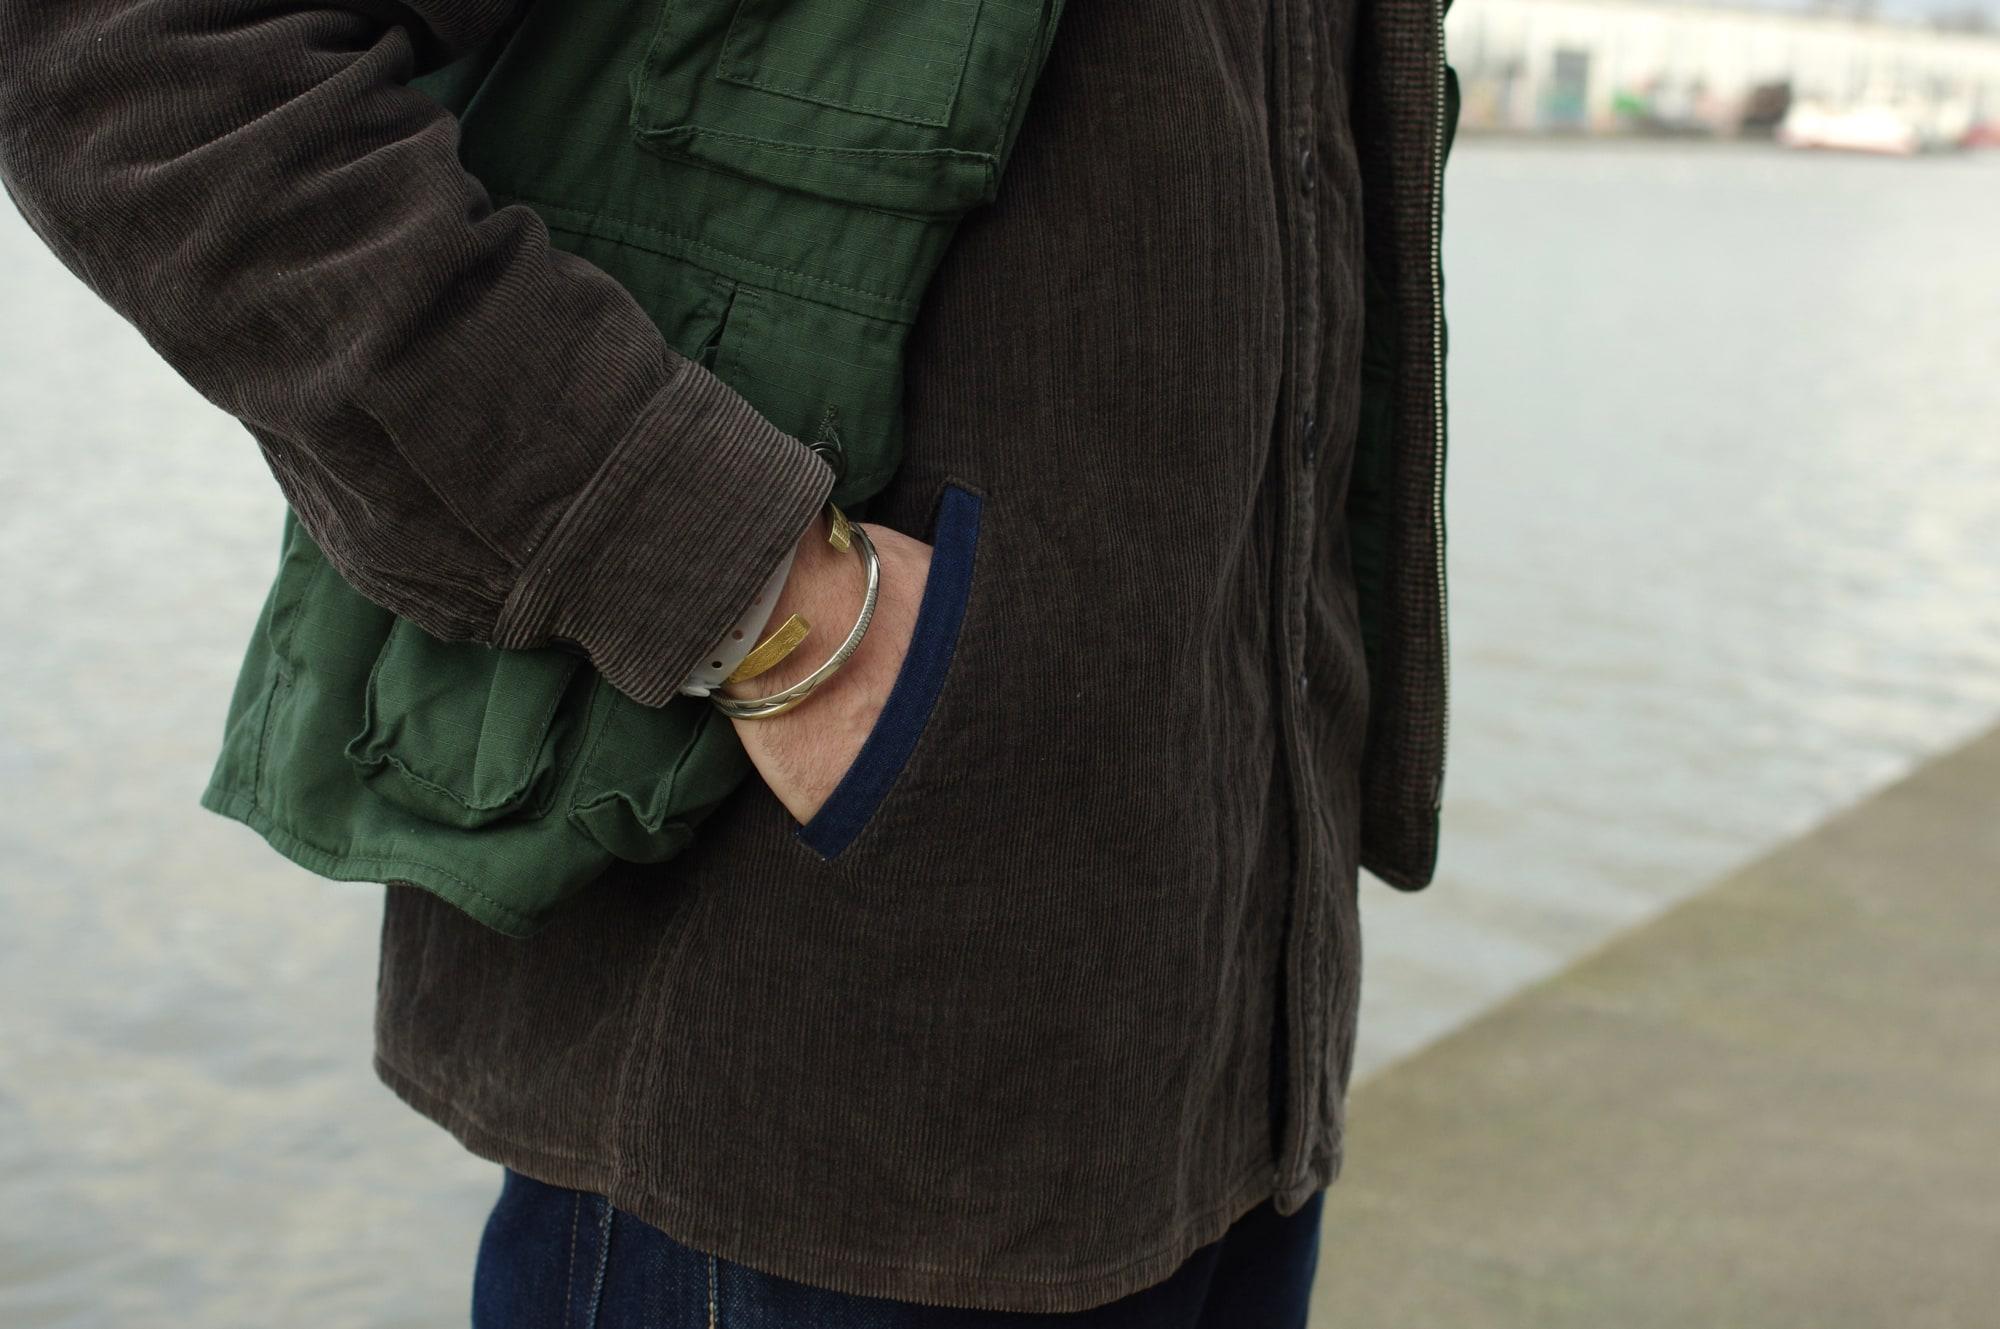 Comment porter une surchemise dans un style homme masculin workwear avec cette chemise en velours BLue Blue Japan en olive et indigo naturel